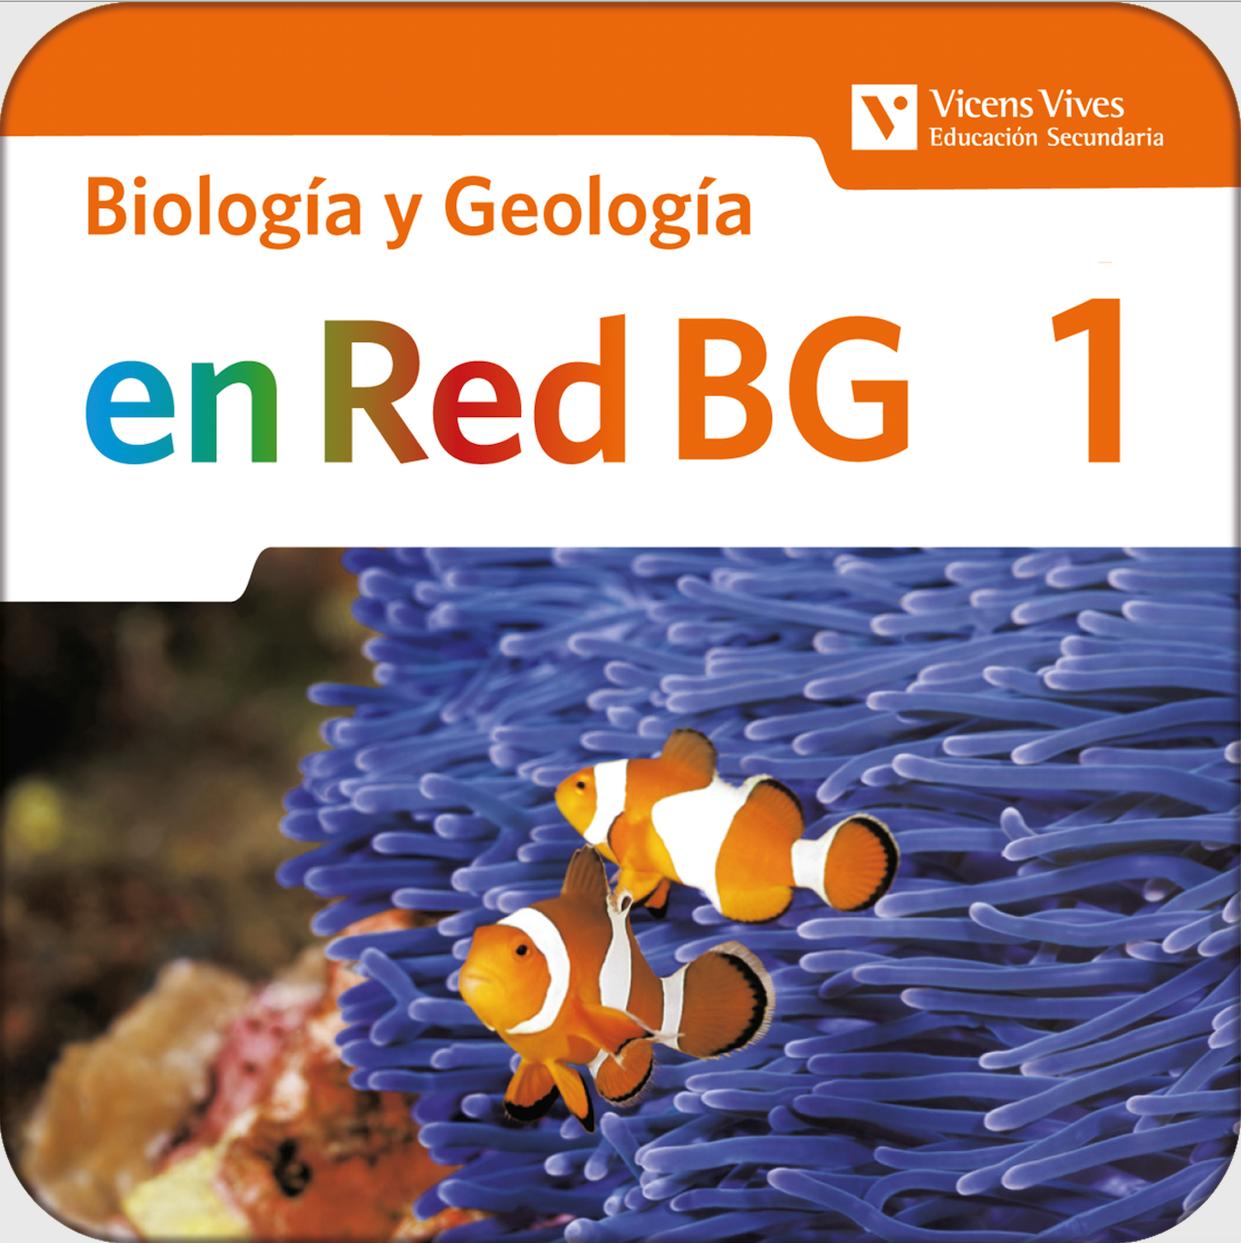 """Projecte """"en Xarxa BG"""". Biologia i Geologia per a 1r i 3r d'Educació Secundària."""